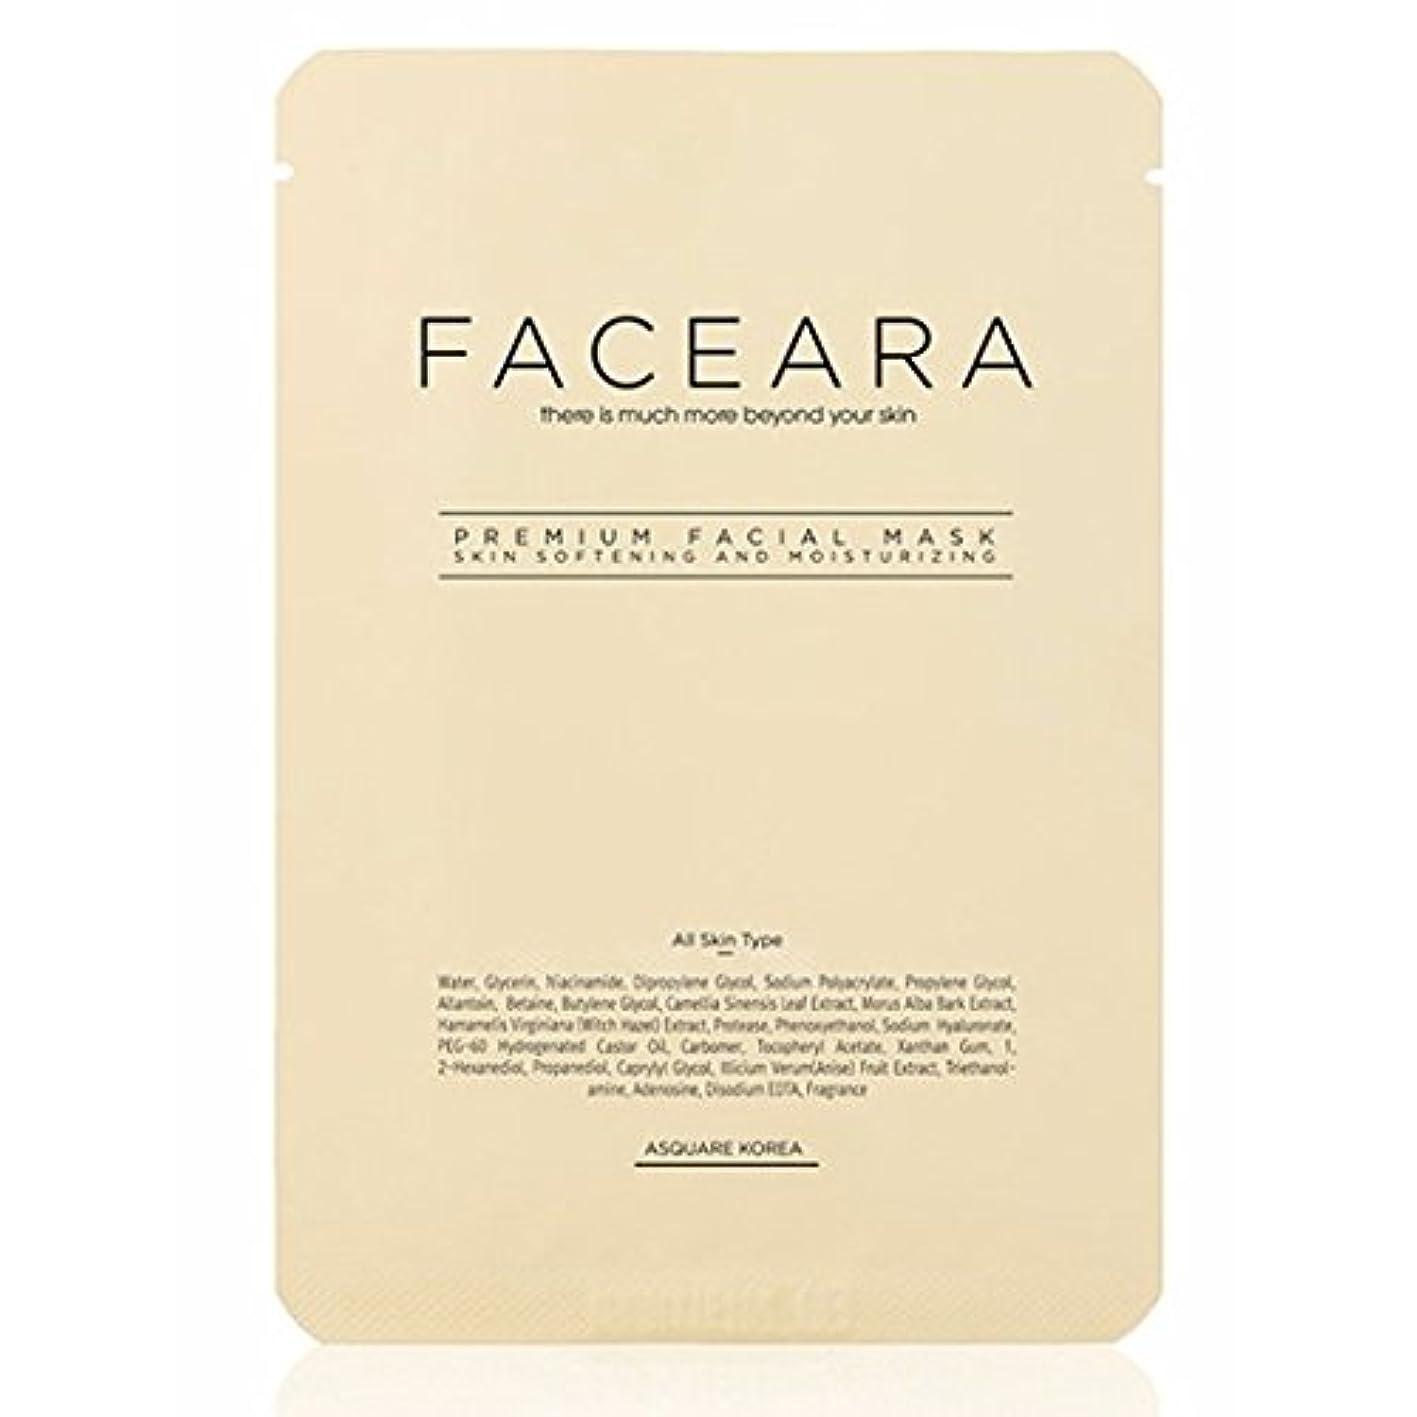 不可能な絶望絶望[並行輸入品] FACEARA スクラブ&スーパーモイスチャライザー用プレミアムフェイシャルマスクシート25g 10本セット / FACEARA Premium Facial Mask Sheet for Scrub &...